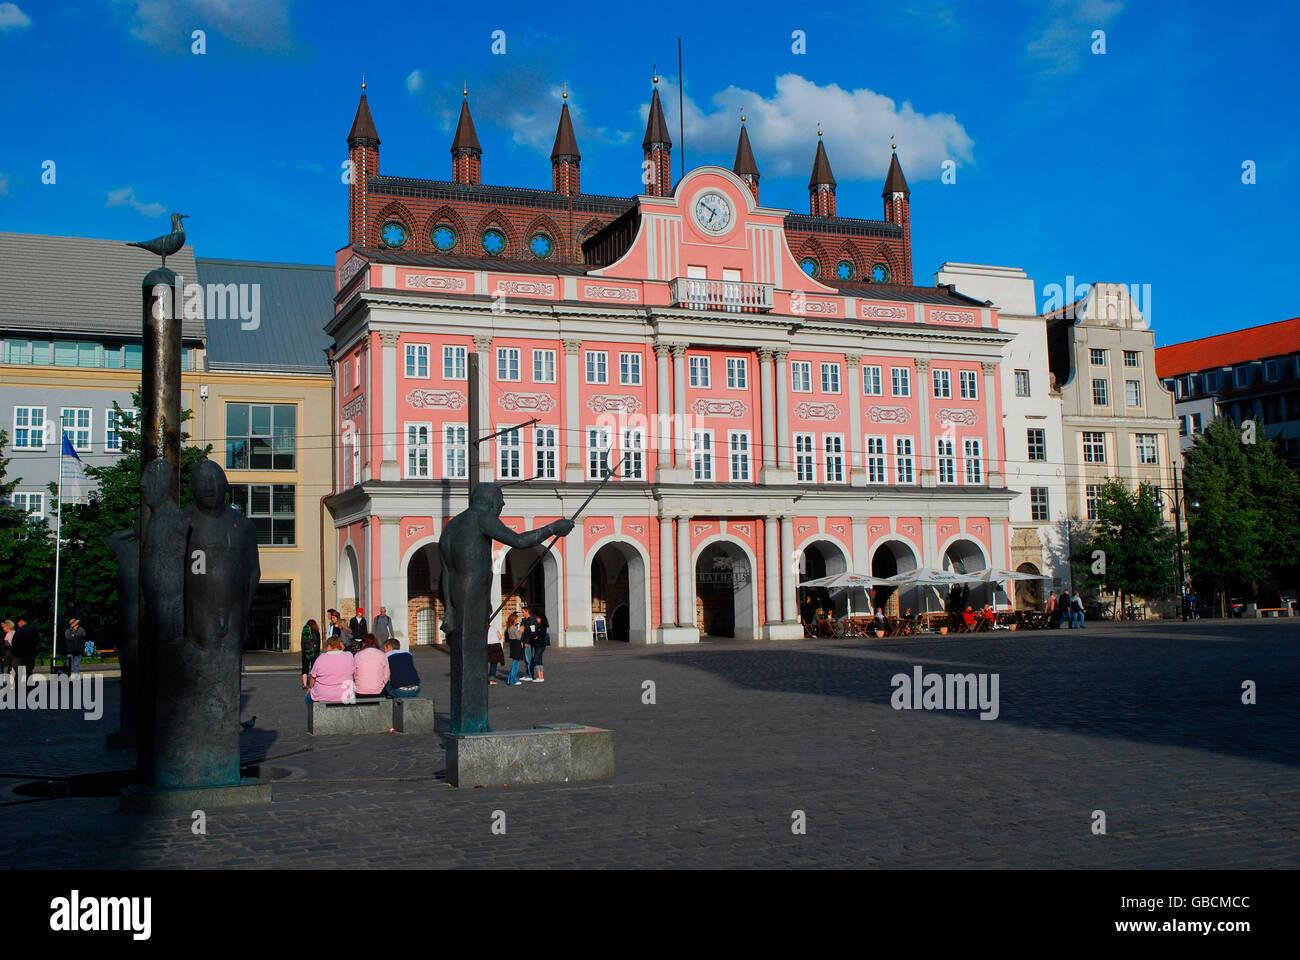 Sommer, Stadtbild, Marktplatz, Gotik, Rathaus, Hansestadt, Rostock, Mecklenburg-Vorpommern, Deutschland Stock Photo